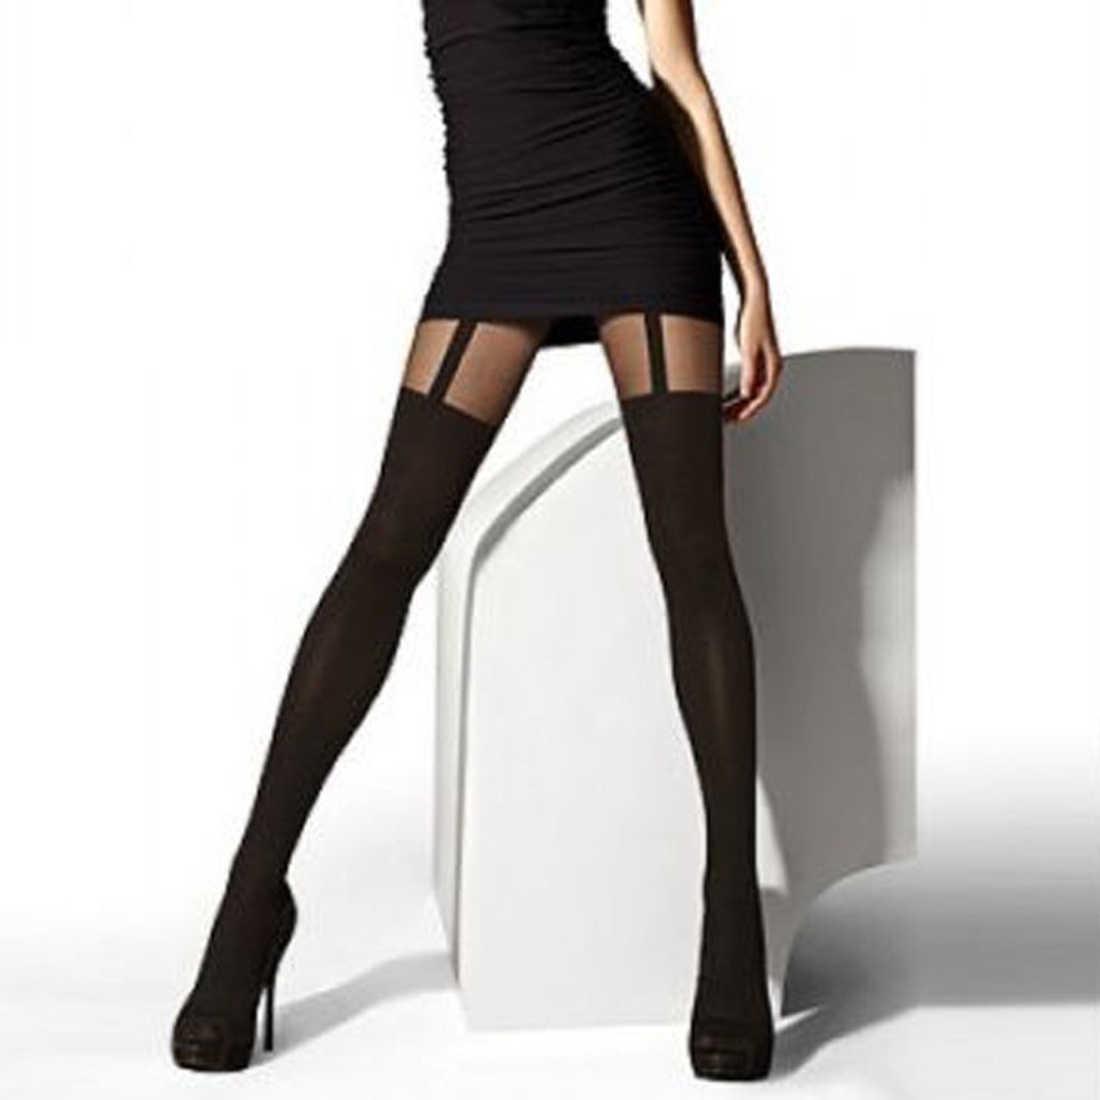 ใหม่ออกแบบล่าสุด Mock Suspends Tights สบาย Tights สูงแฟชั่นถุงน่อง Pantyhose ลวดลายสำหรับหญิง